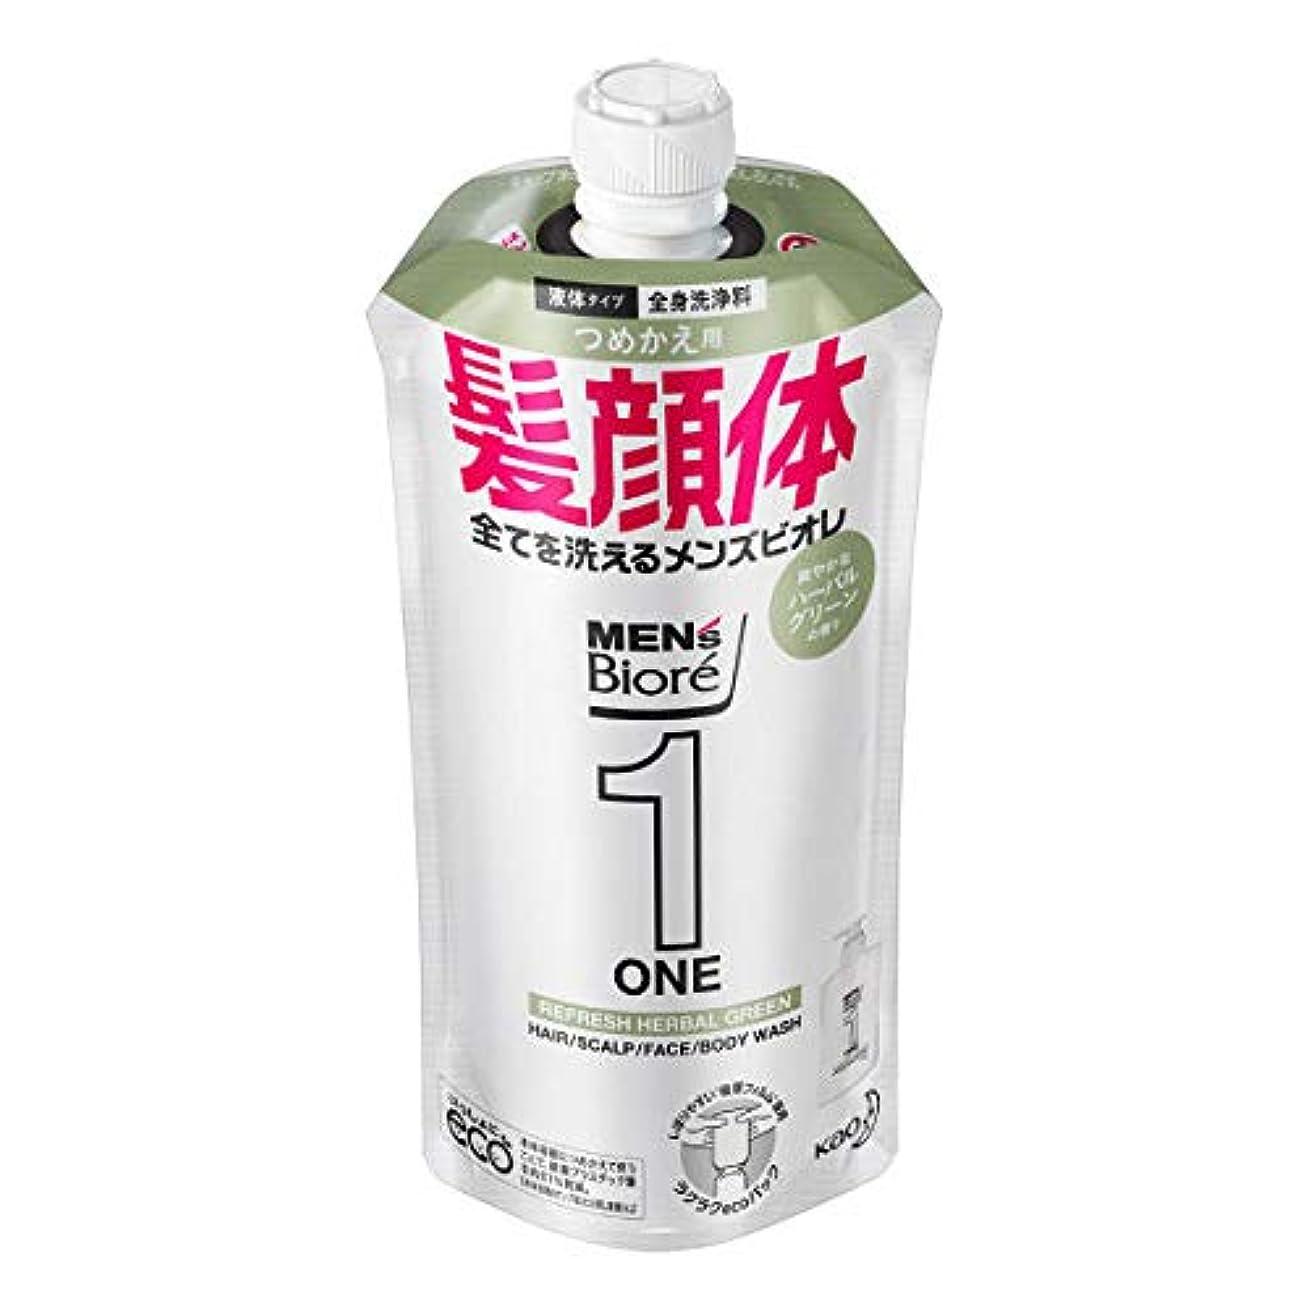 ステレオタイプ漏斗ドライメンズビオレONE オールインワン全身洗浄料 爽やかなハーブルグリーンの香り つめかえ用 340mL